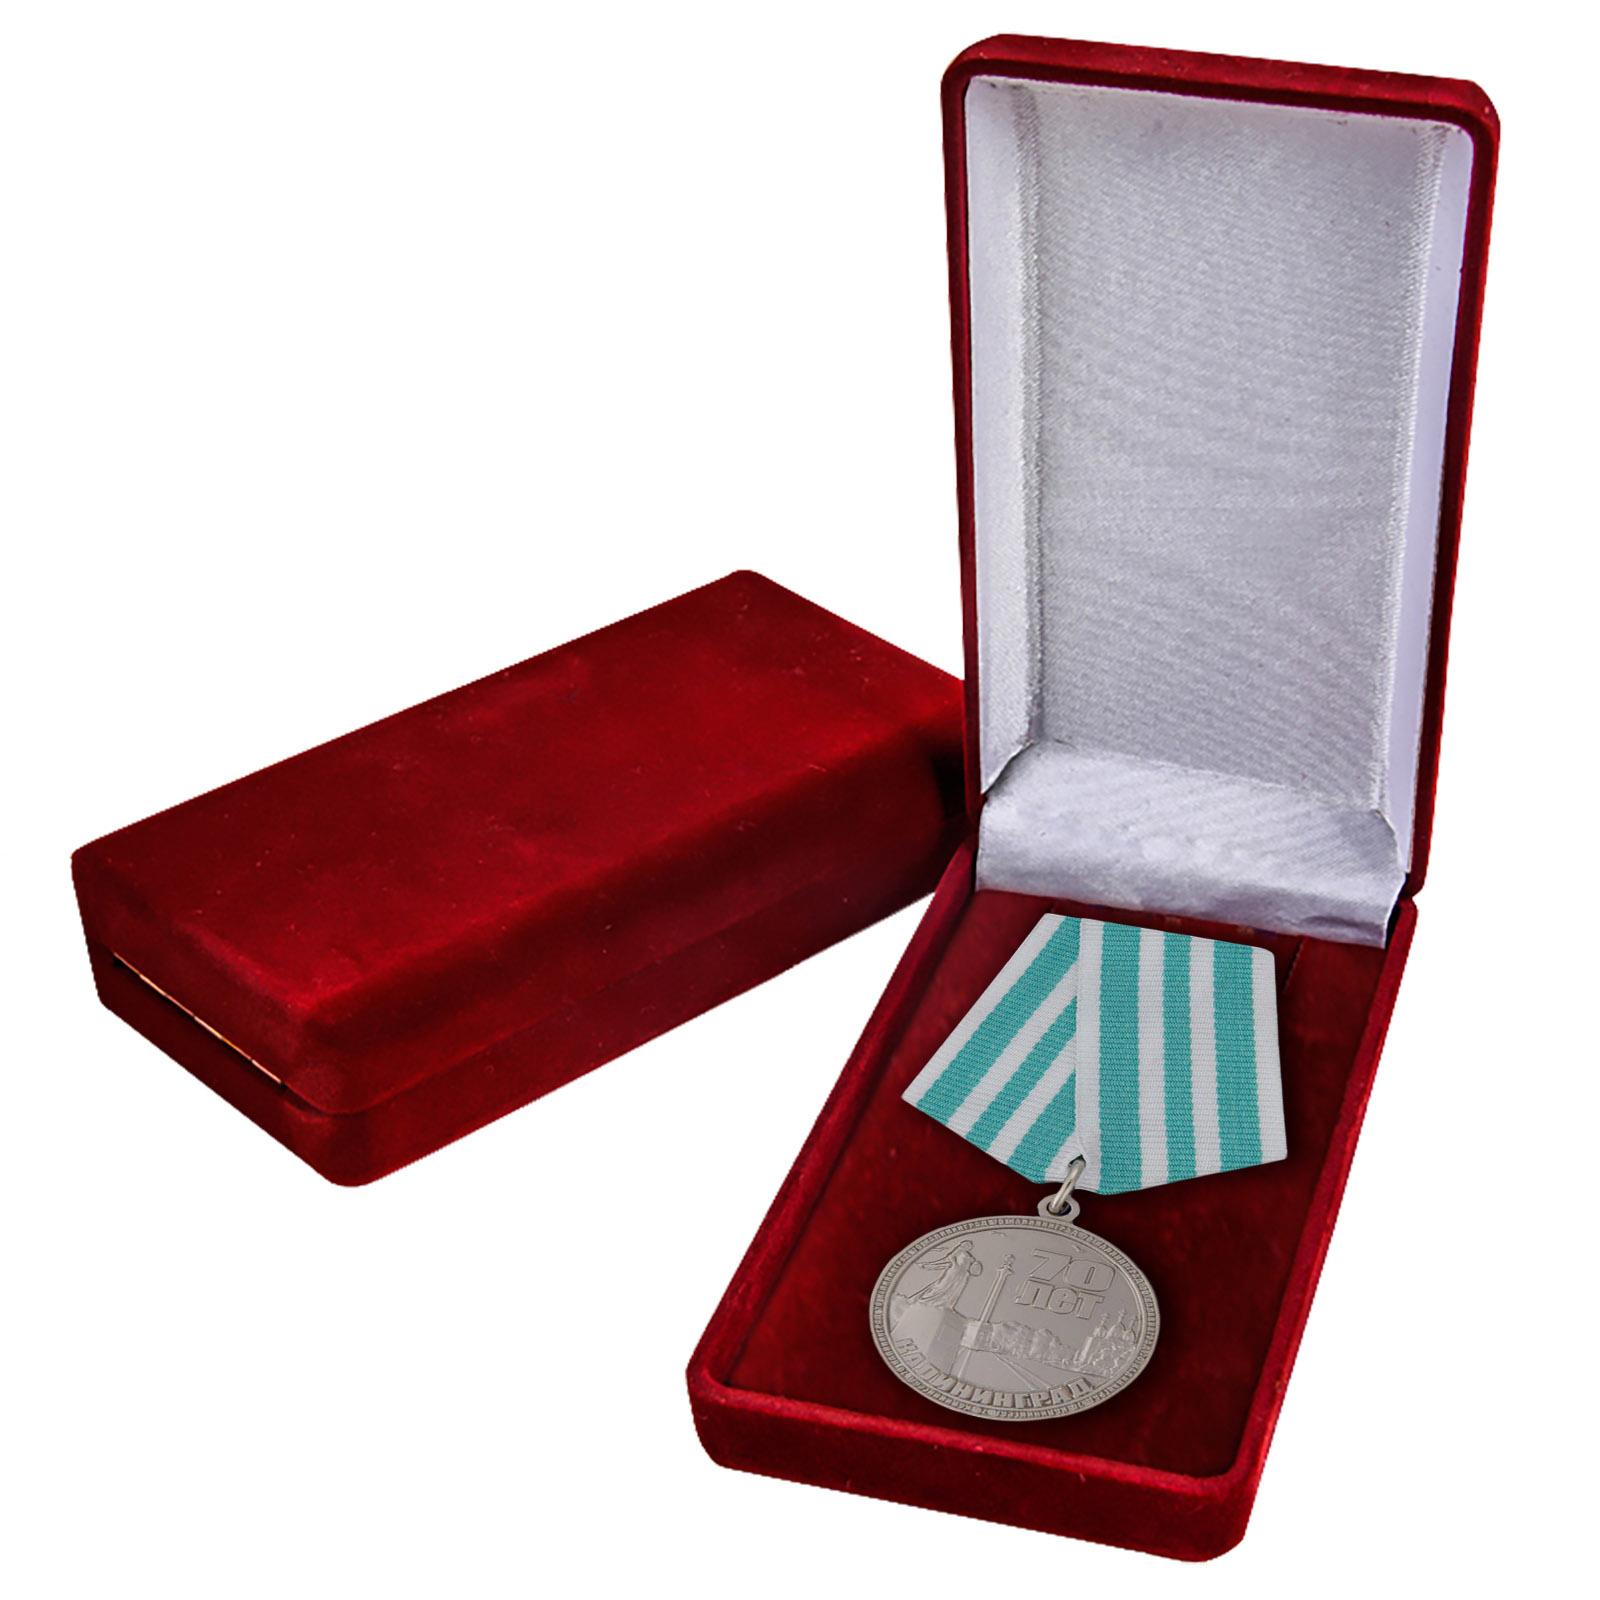 Памятная медаль 70 лет Калининграду в подарочном футляре